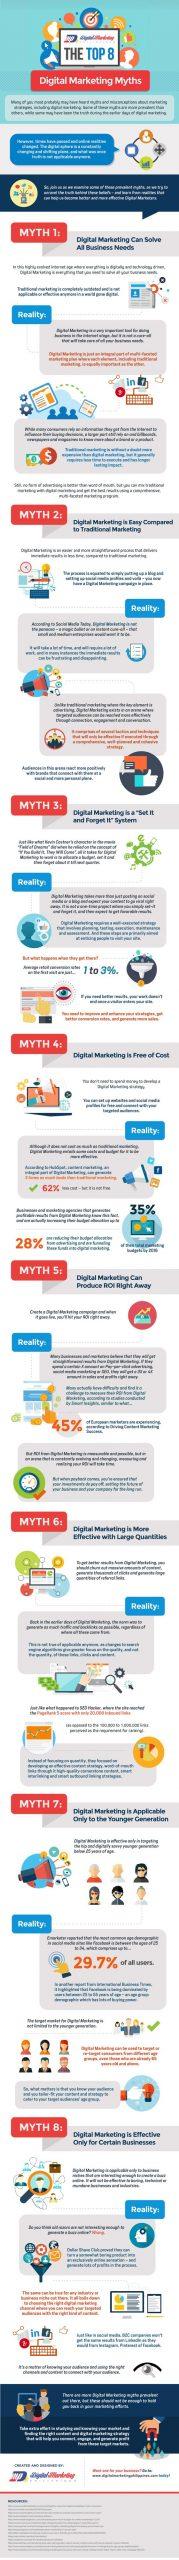 8 Mitos del Marketing Digital